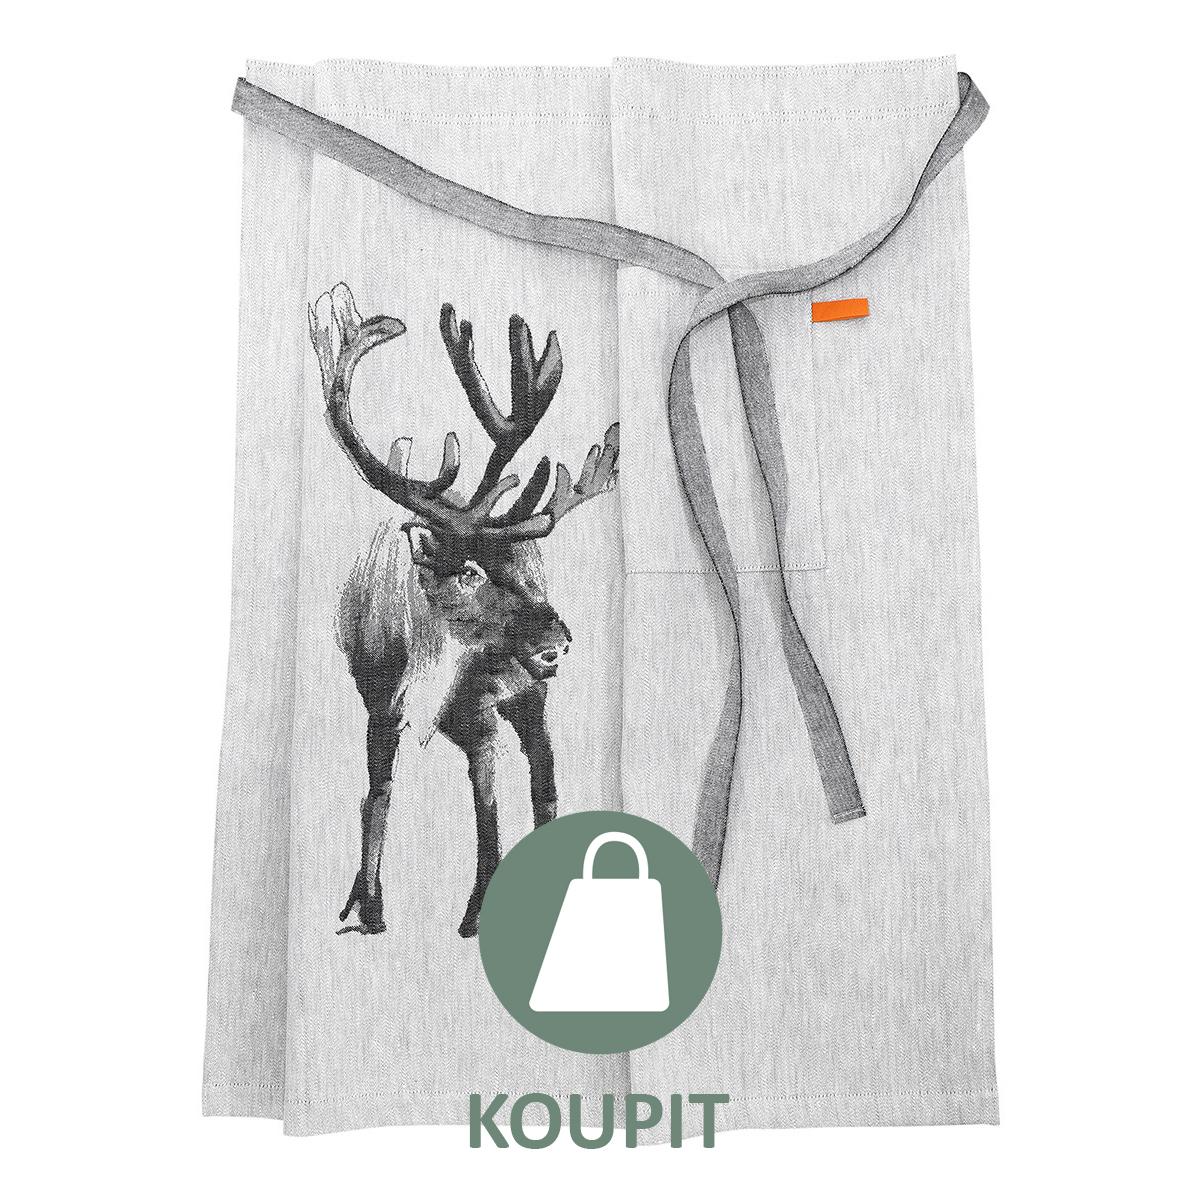 letni-textil-lapuan-kankurit-produkt1